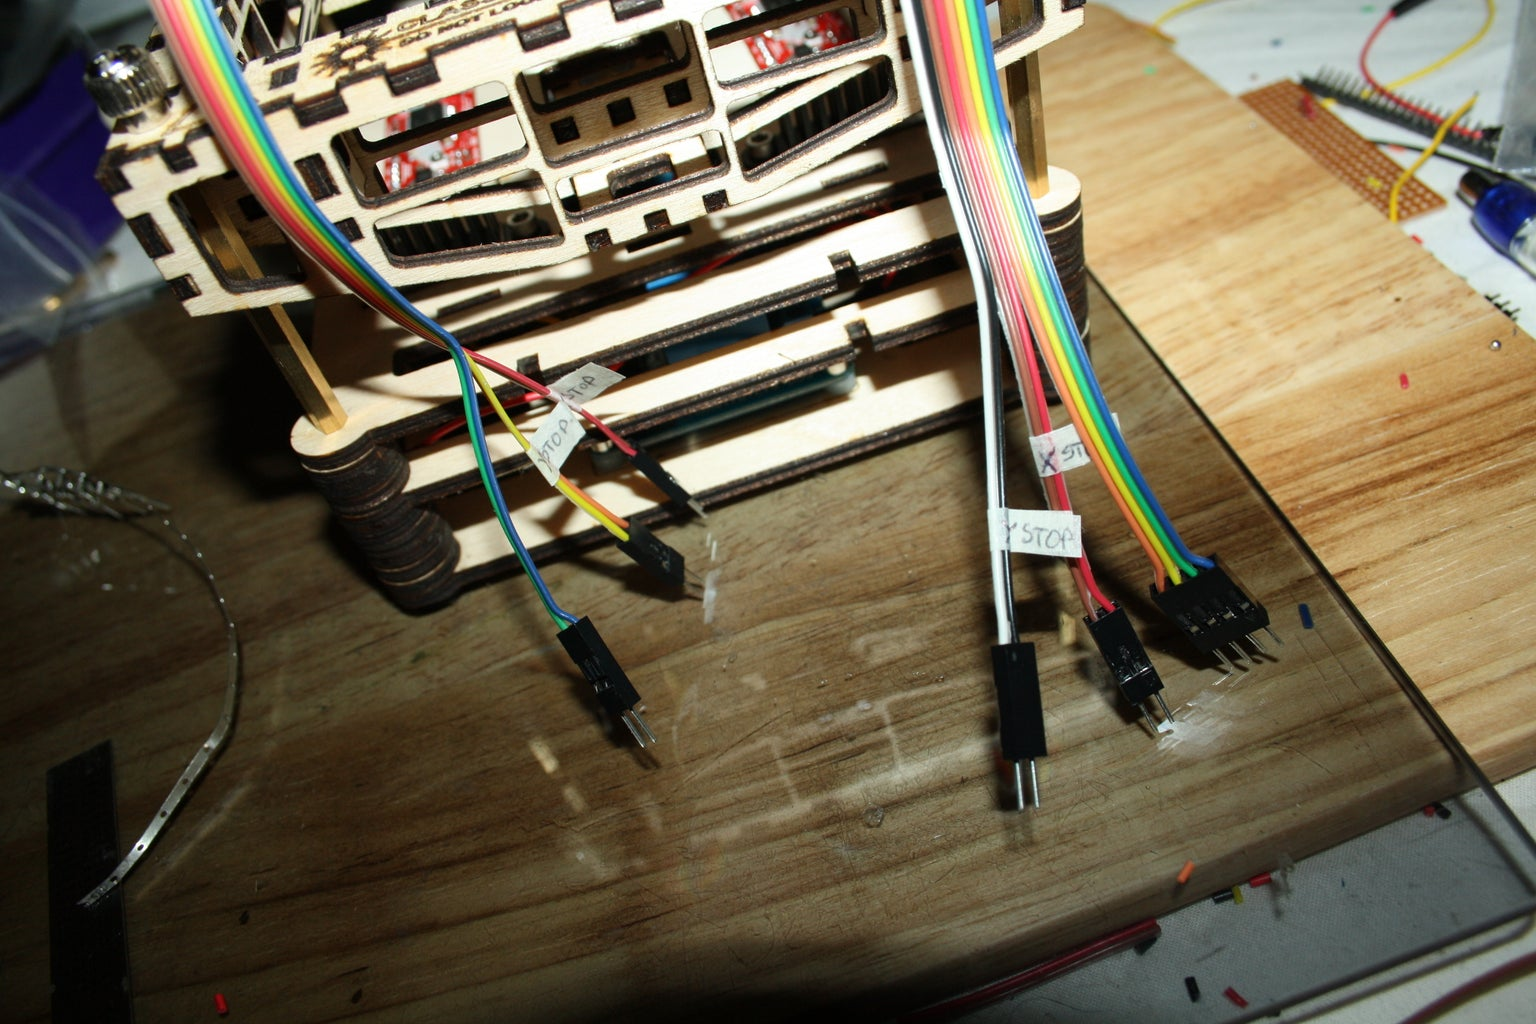 Test Wiring